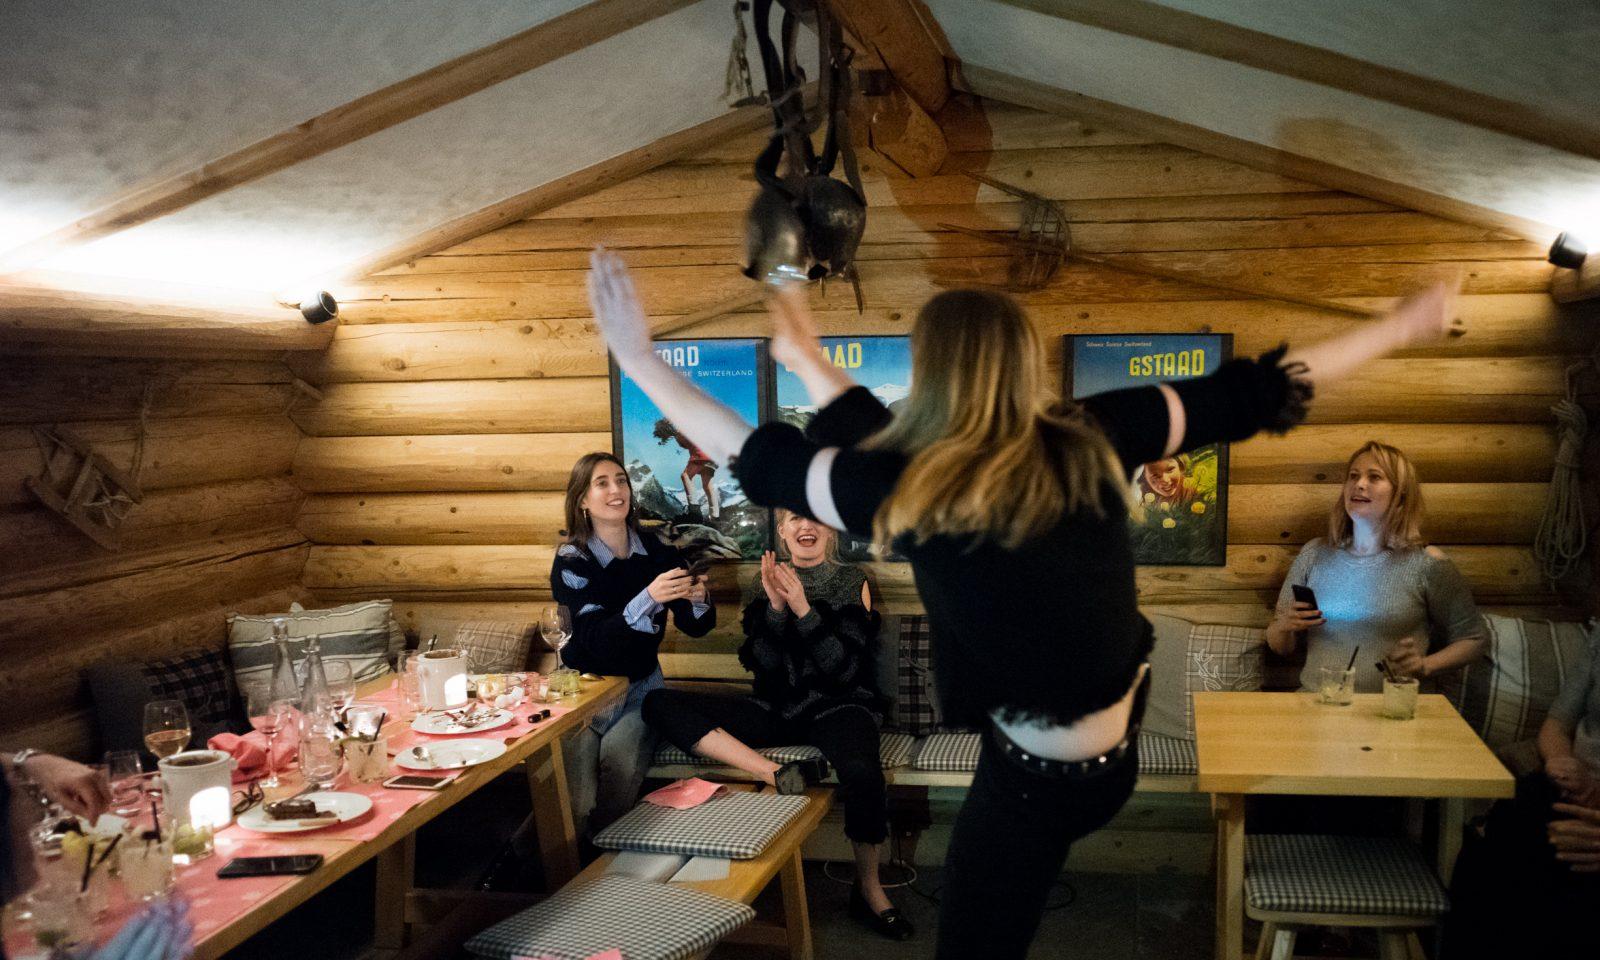 Le Petit Chalet Gstaad Fondue Raclette Le Grand Bellevue